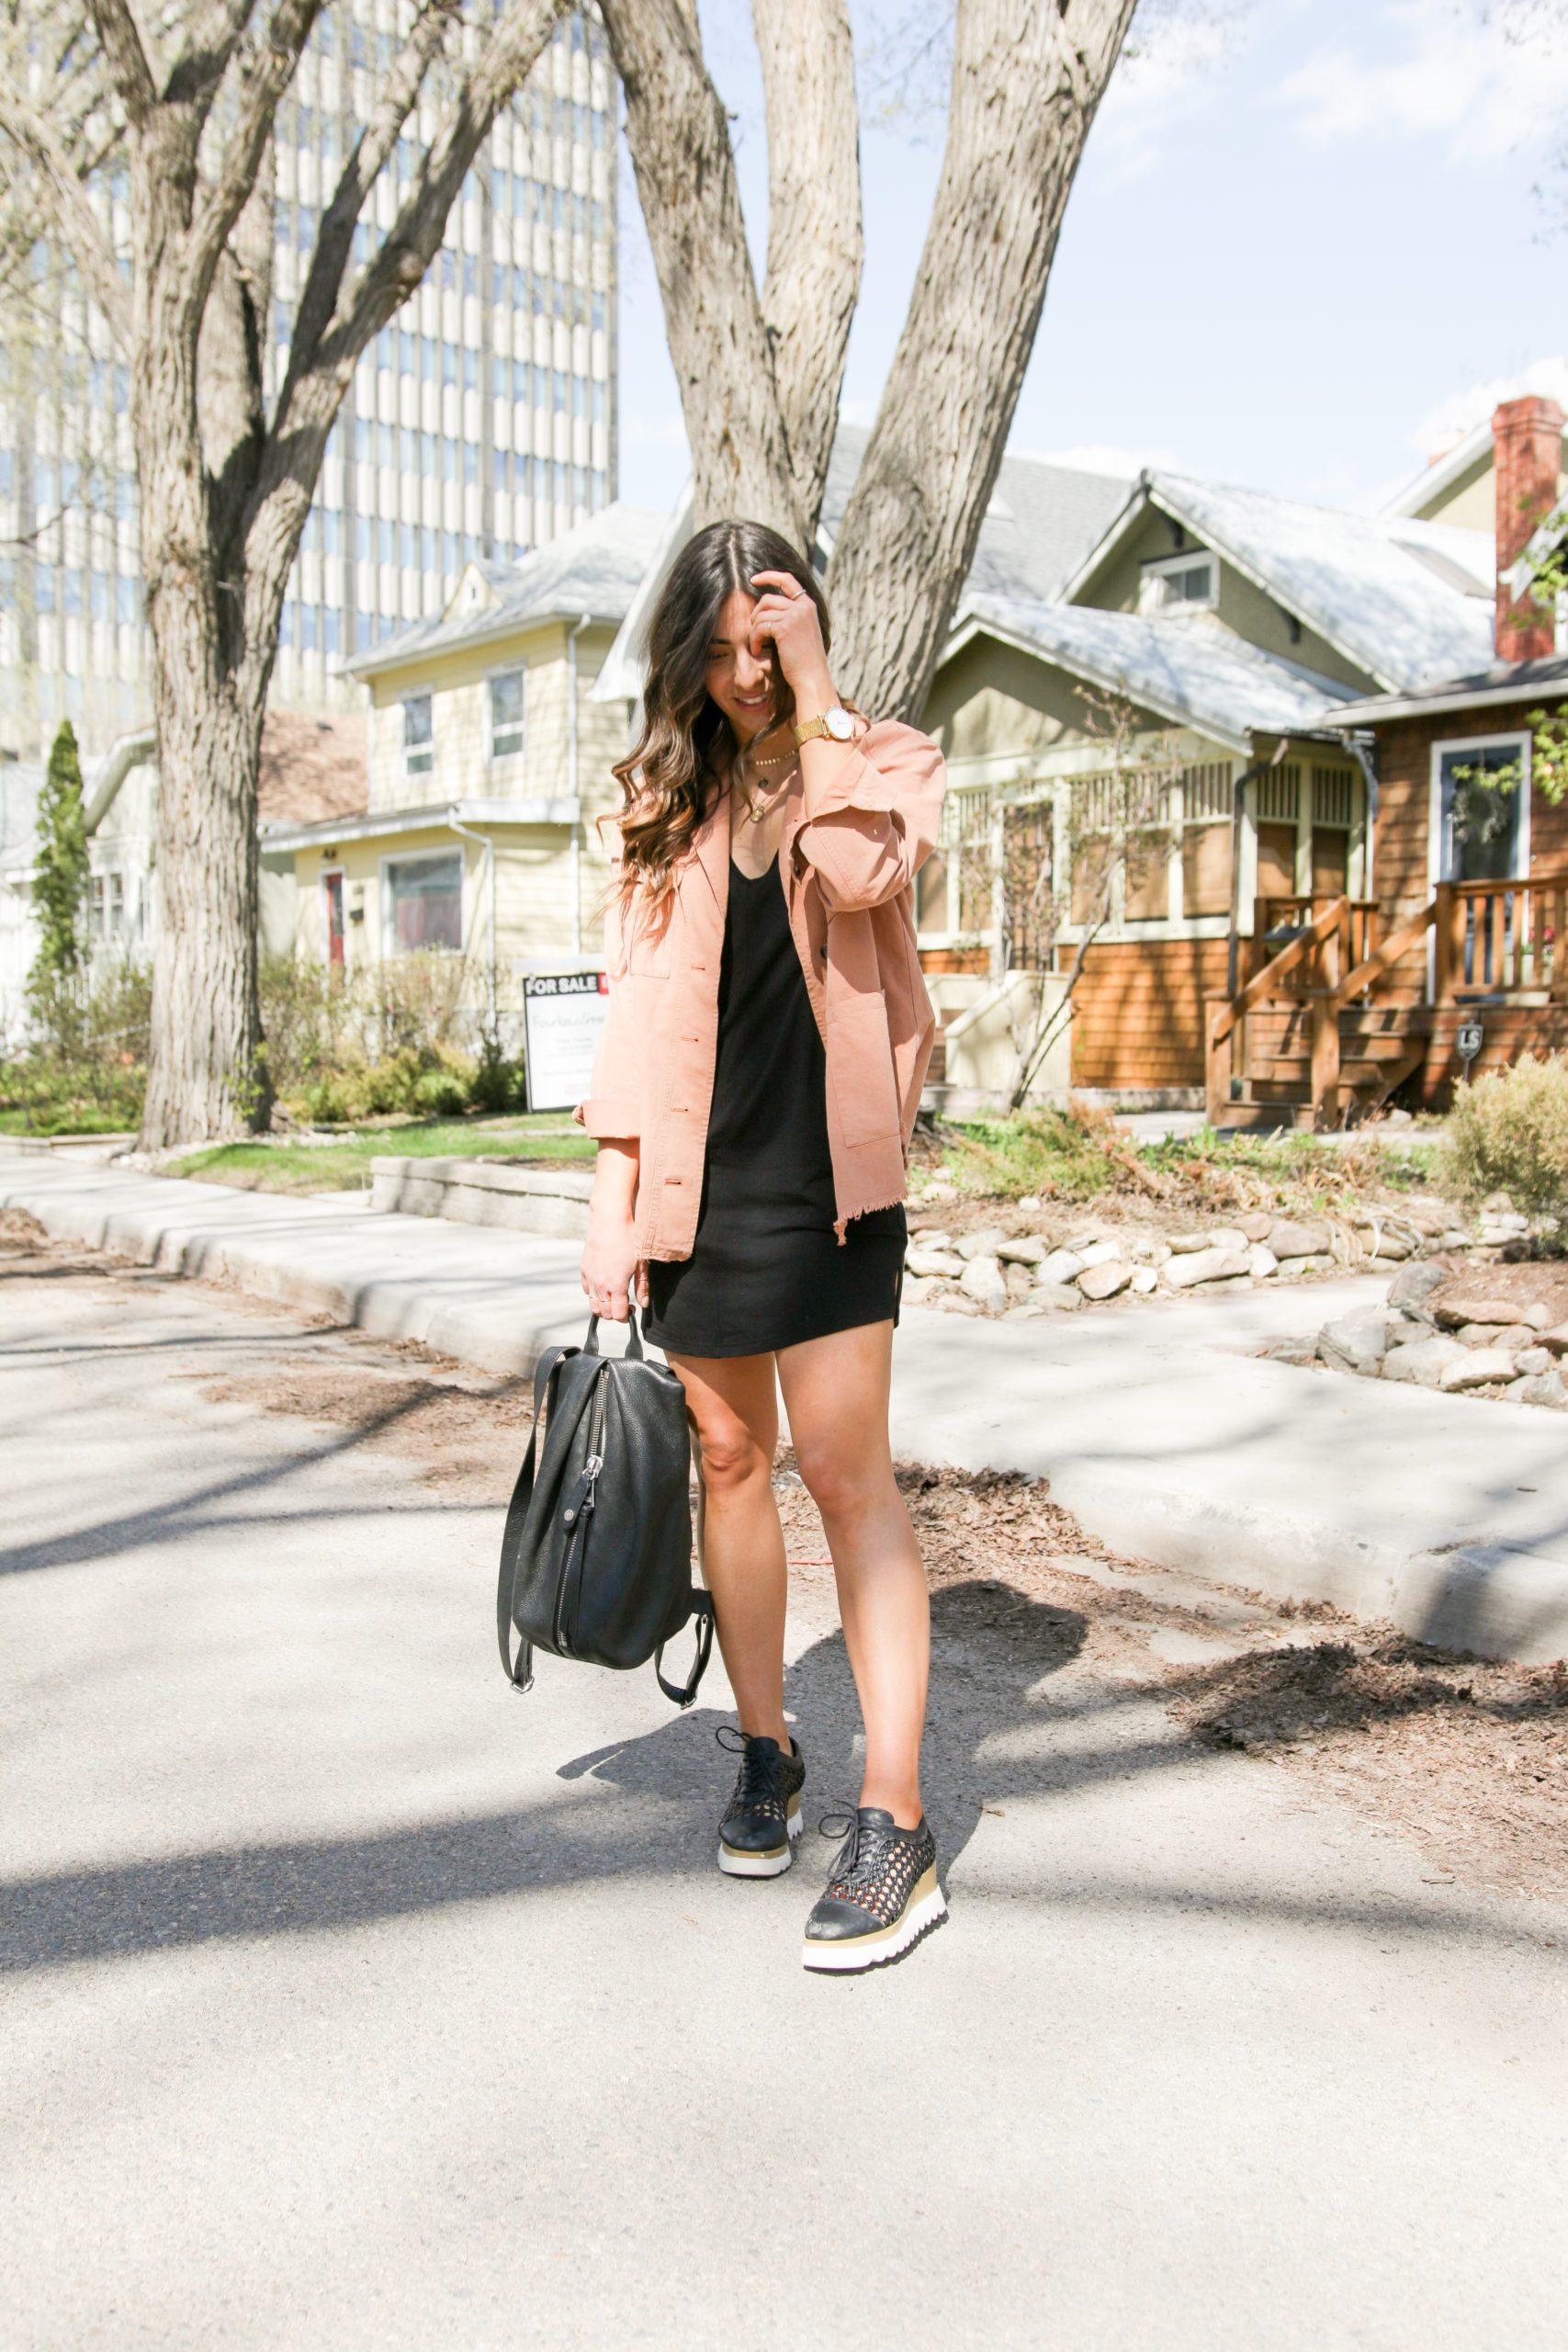 Spring Jacket and Black Dress